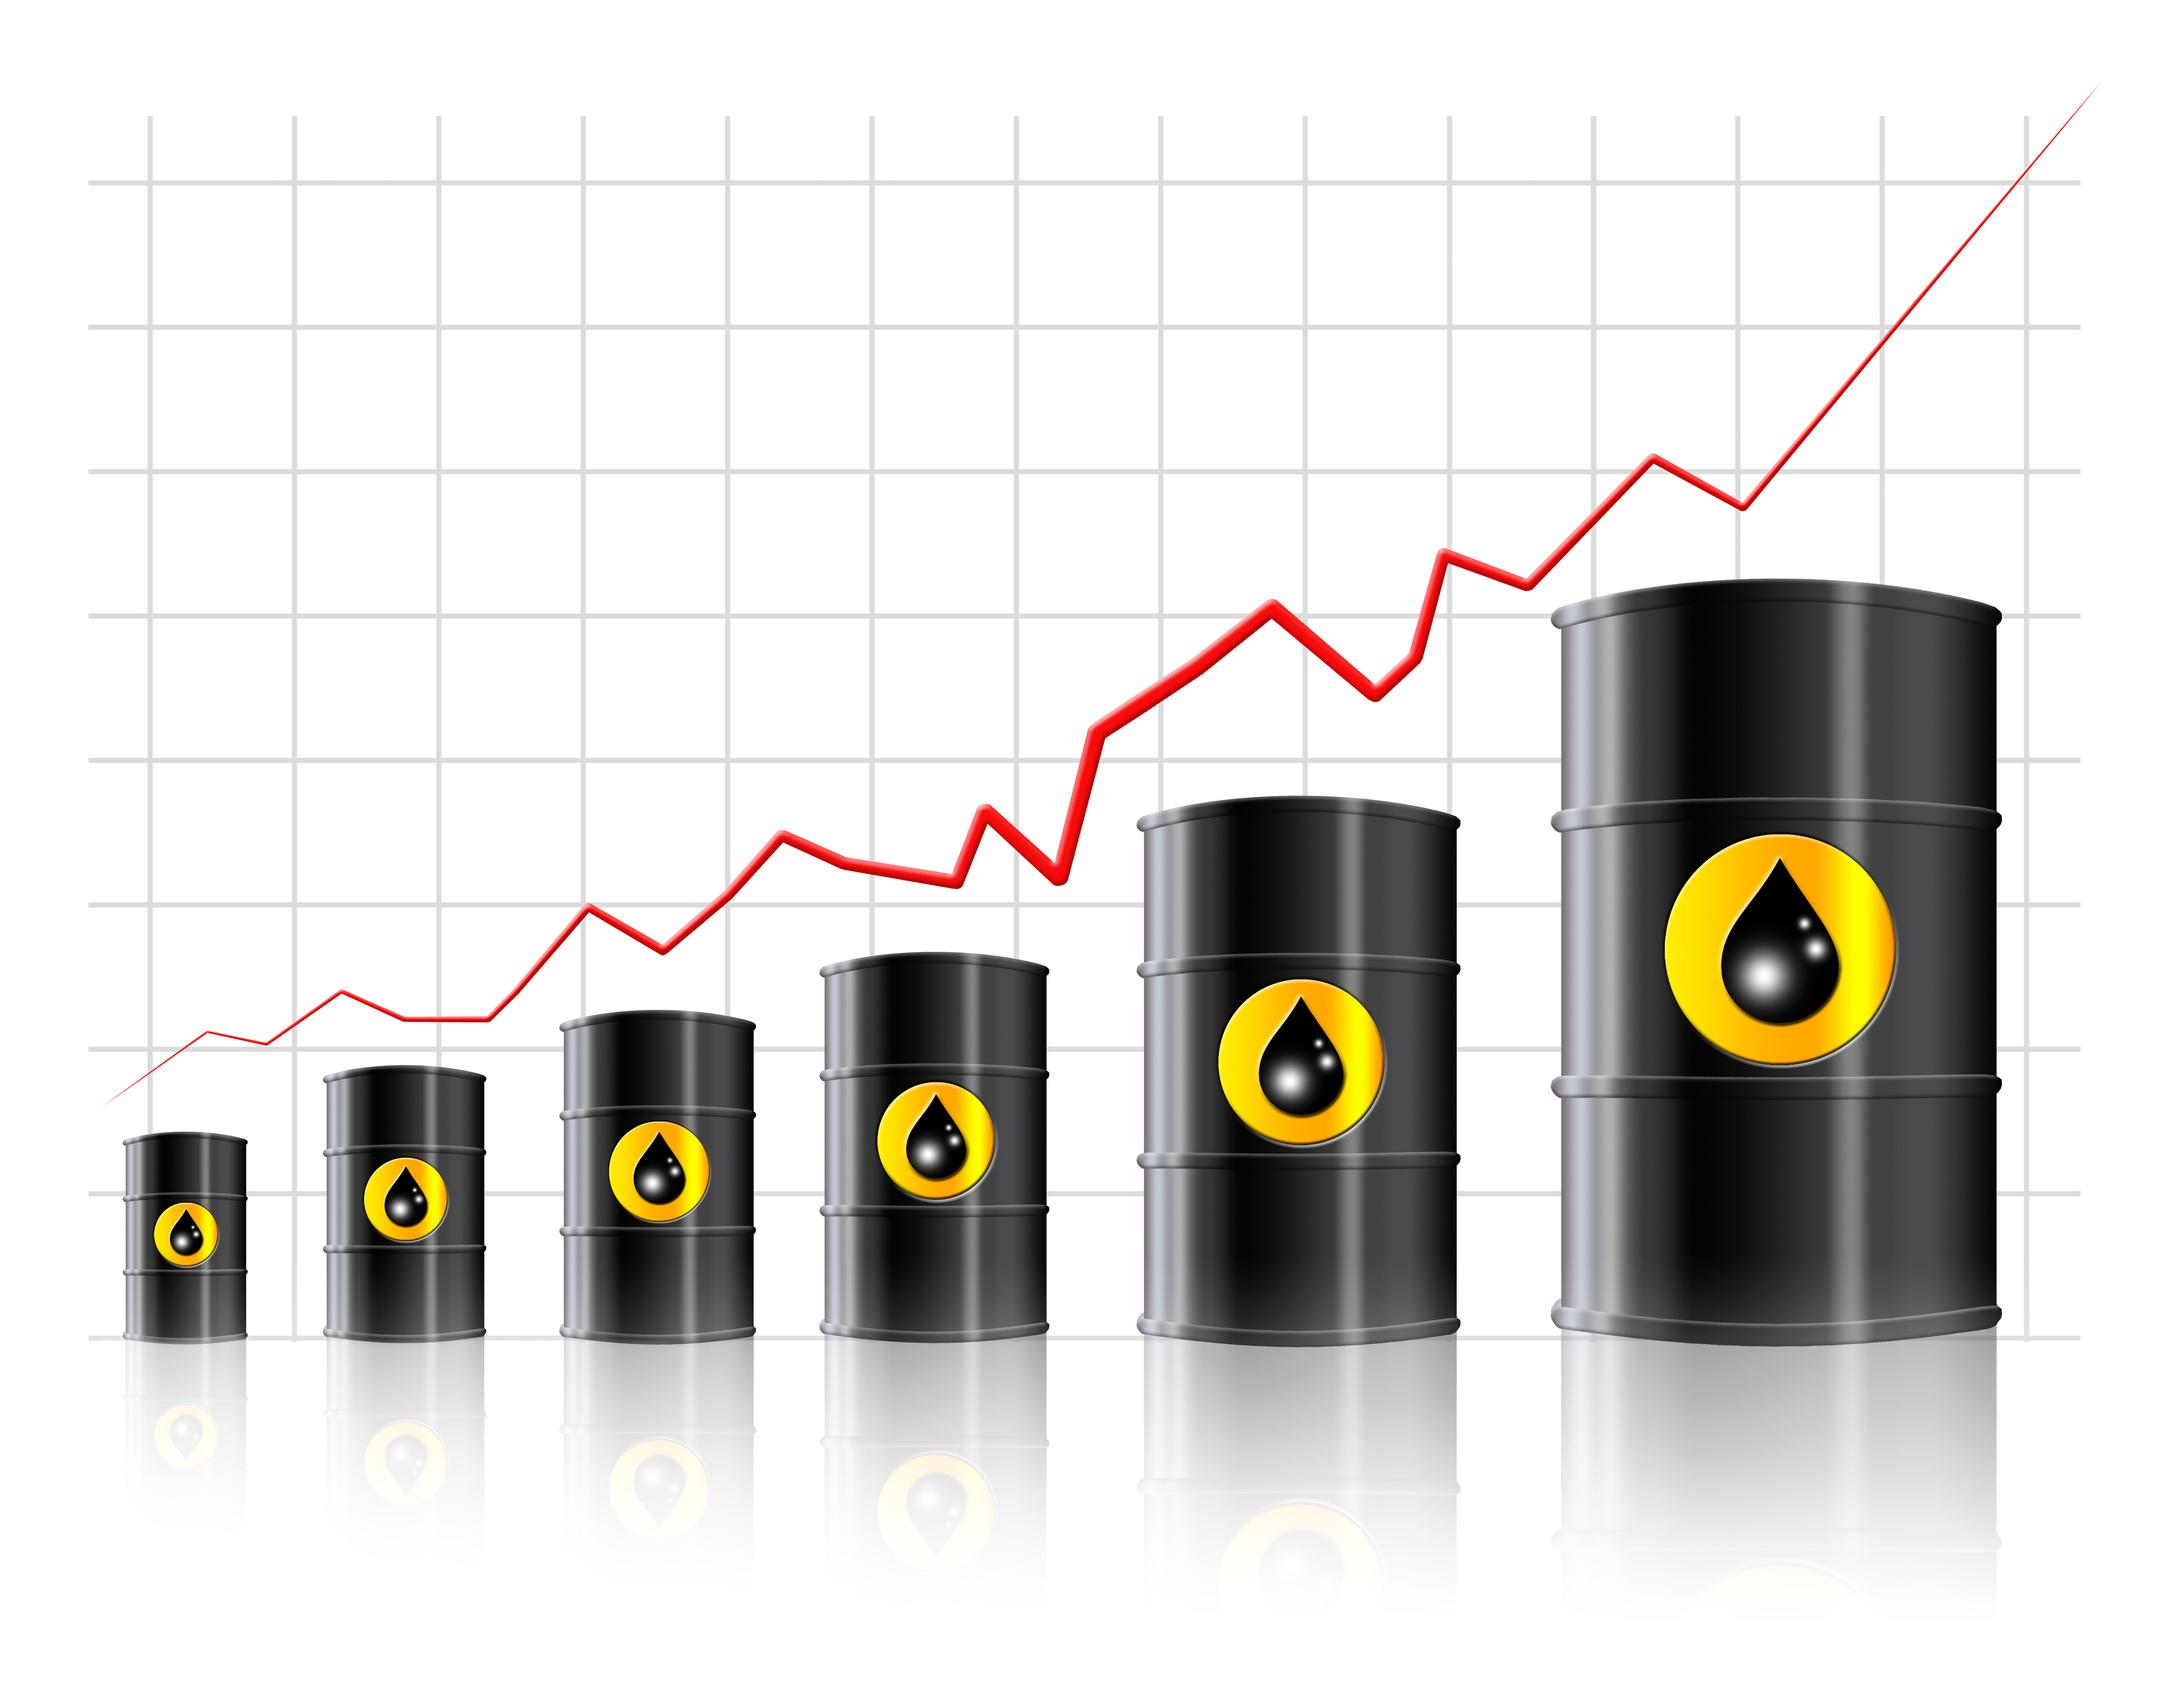 افت تولید نفت خام آمریکا در ماه دسامبر